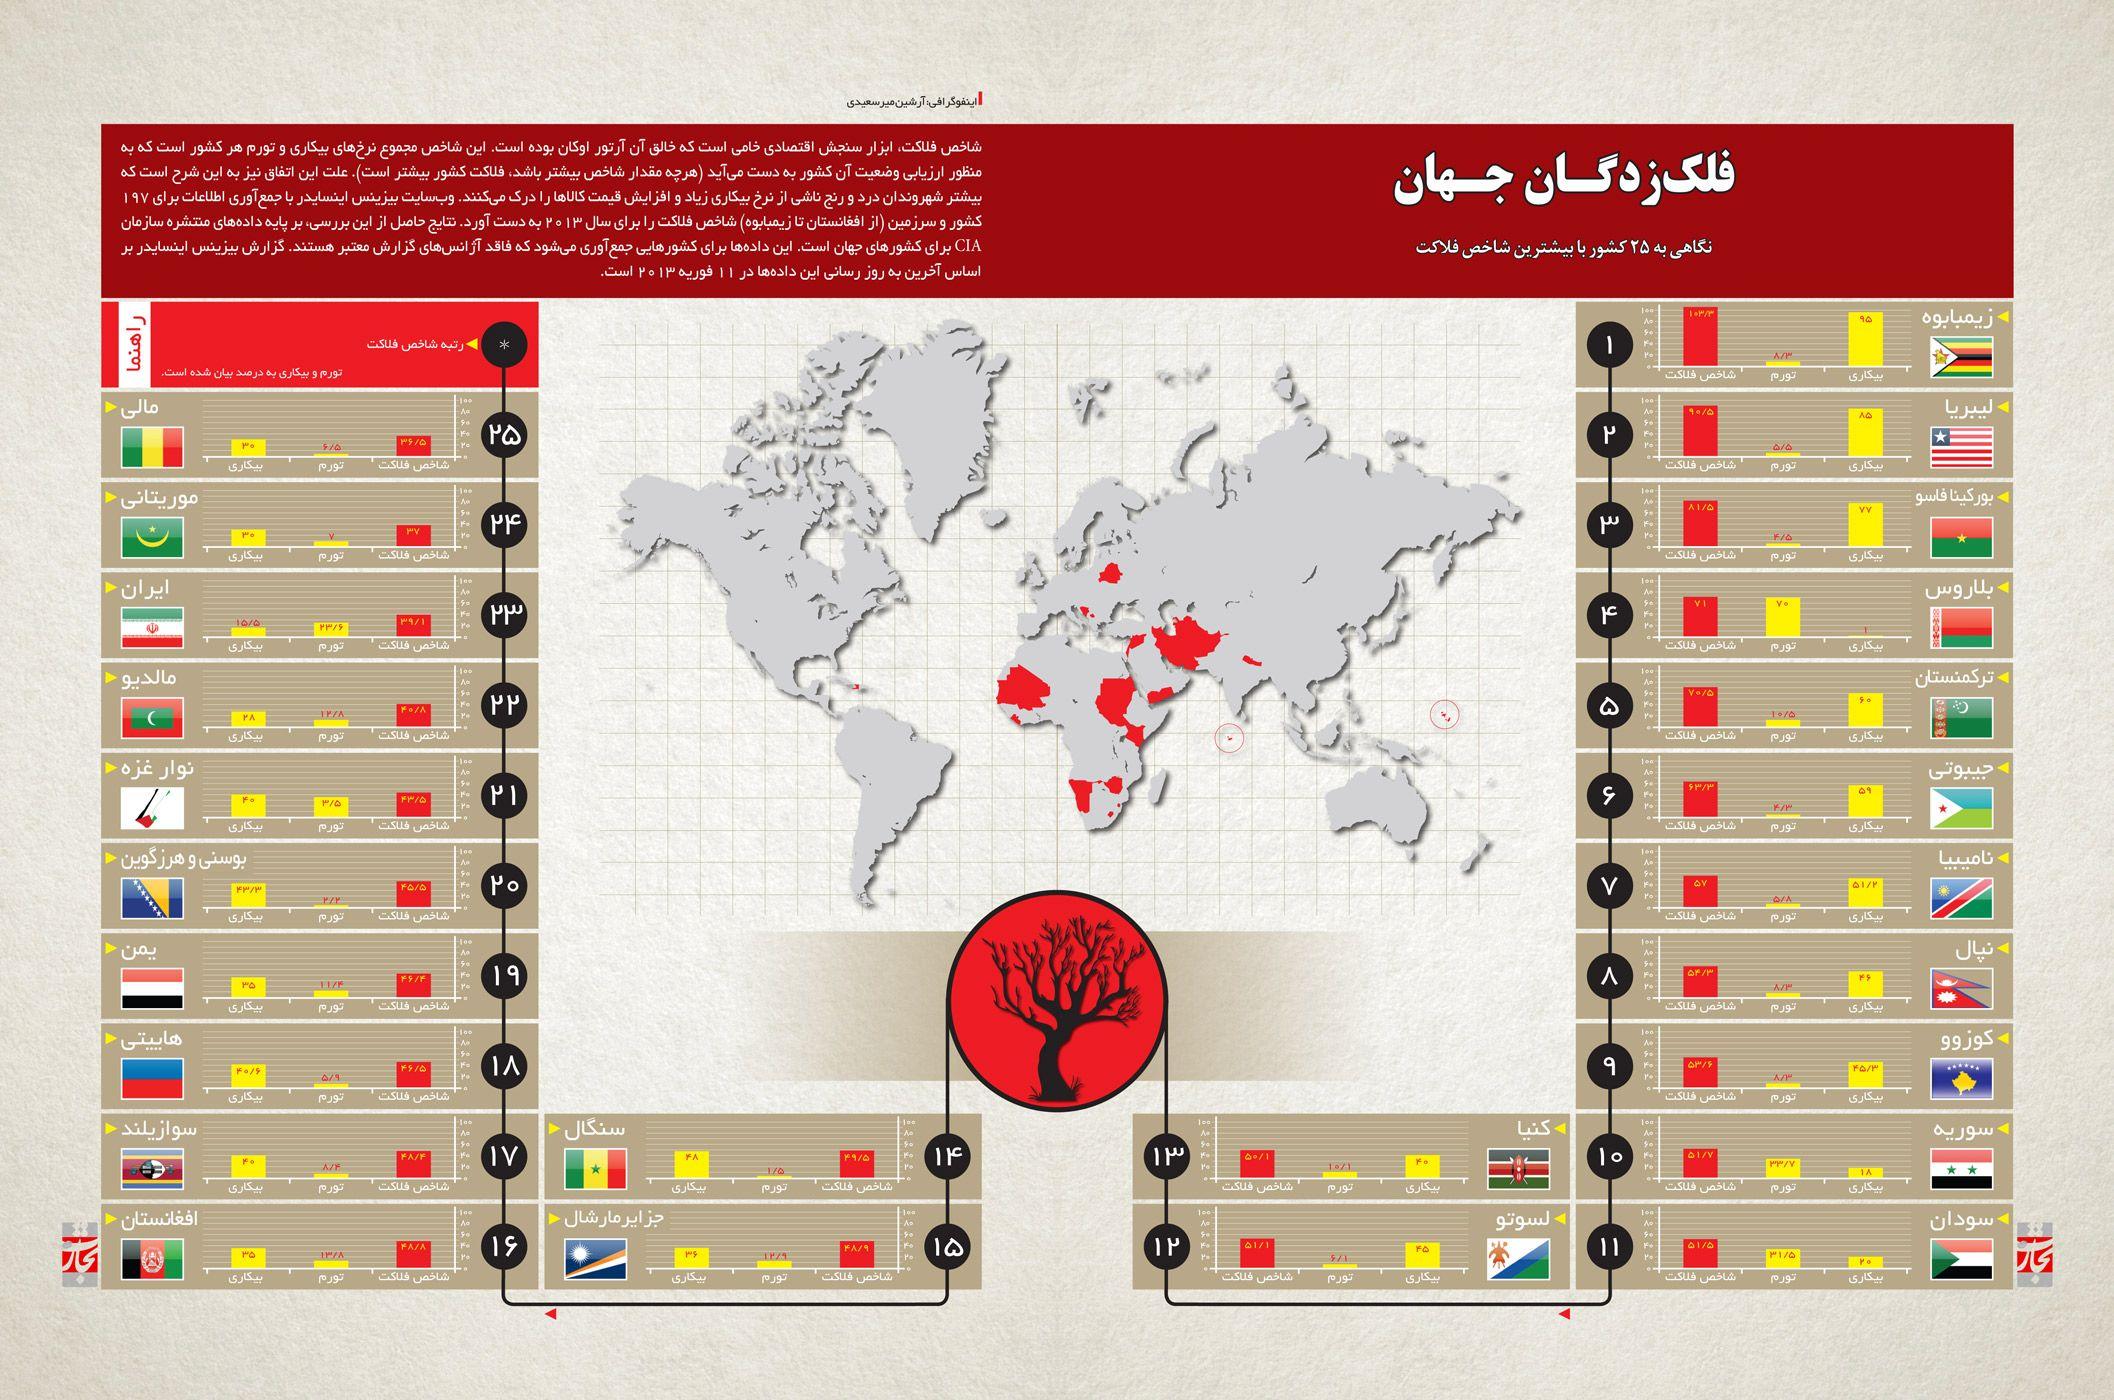 فلکزدگـان جـهان : نگاهی به 25 کشور با بیشترین شاخص فلاکت